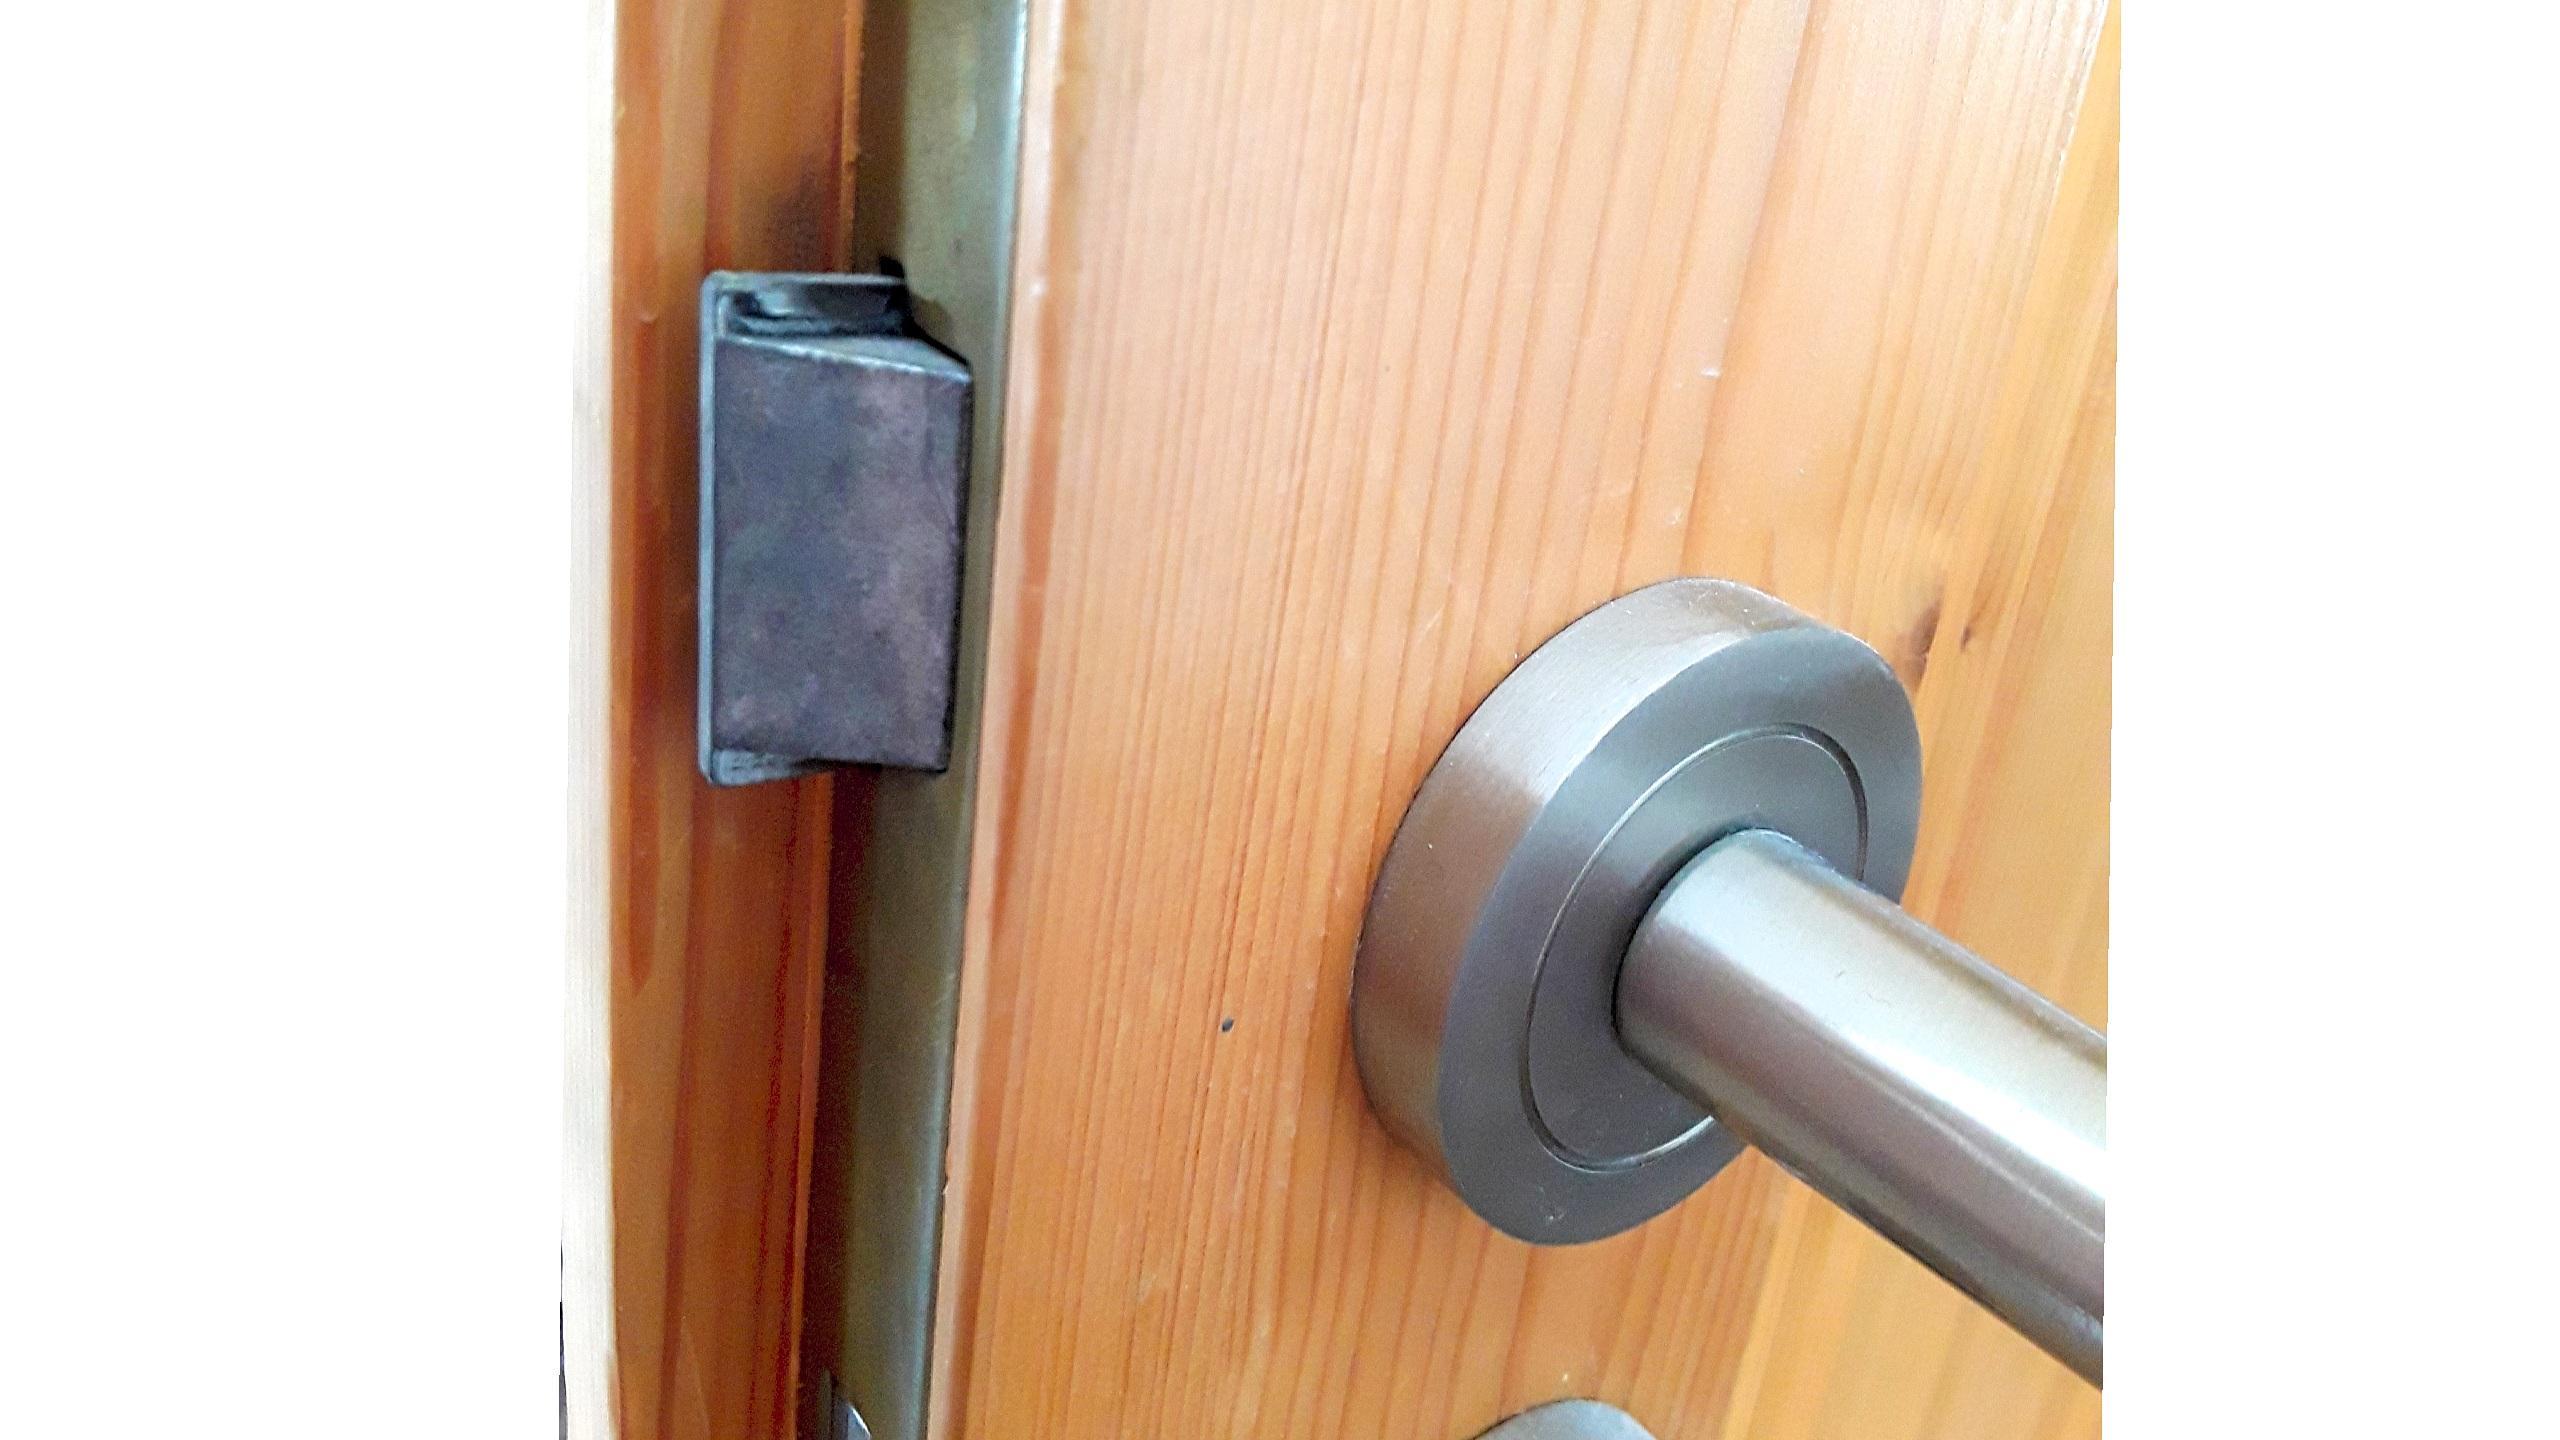 Wenn Sie einen Türanschlag wechseln möchten, müssen Sie auch den Türgriff sowie den Türverschluss versetzen.